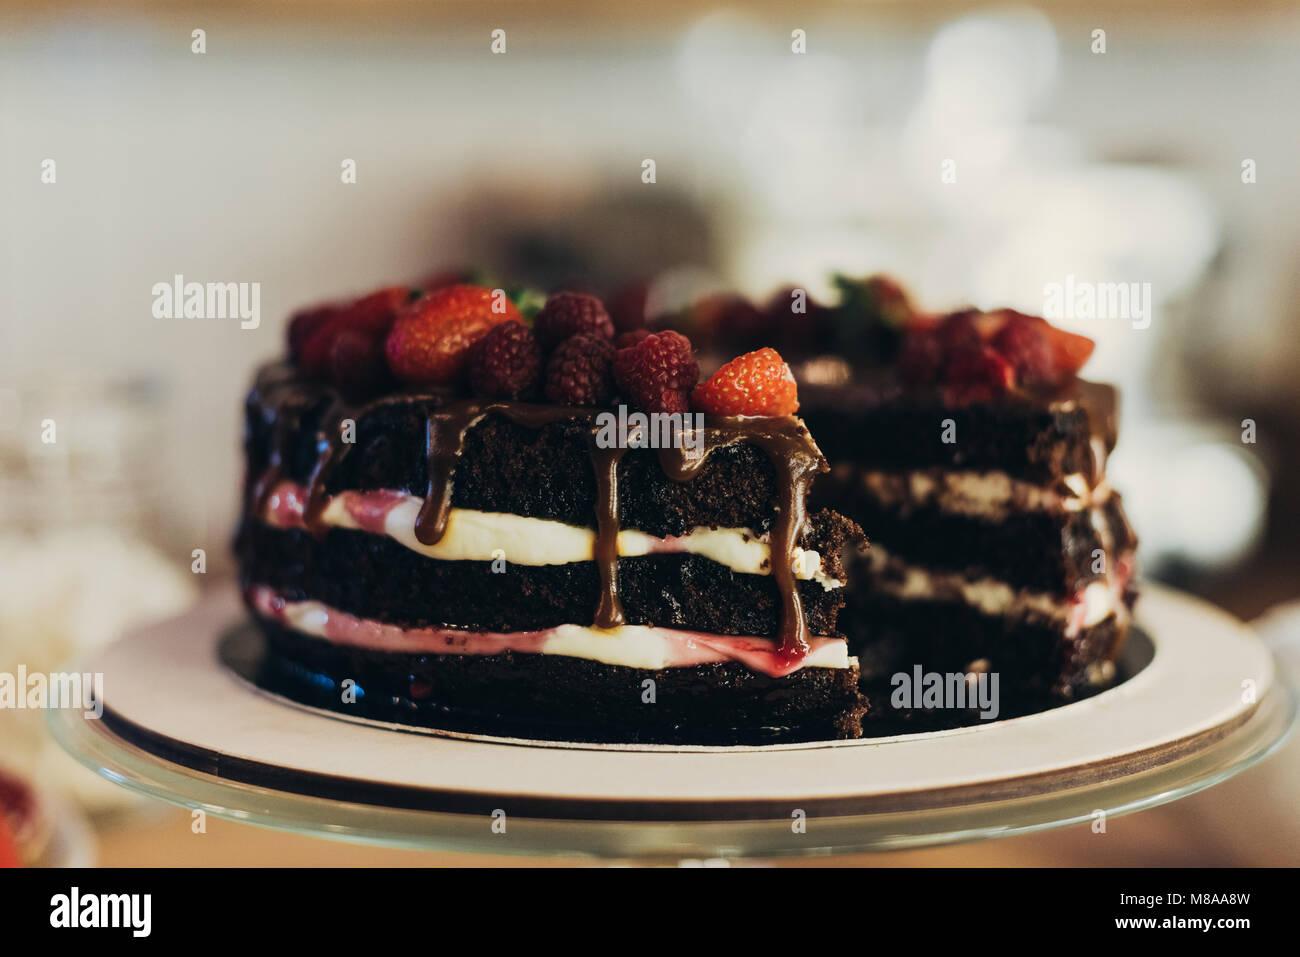 Schokolade Kuchen mit Früchten Stockbild